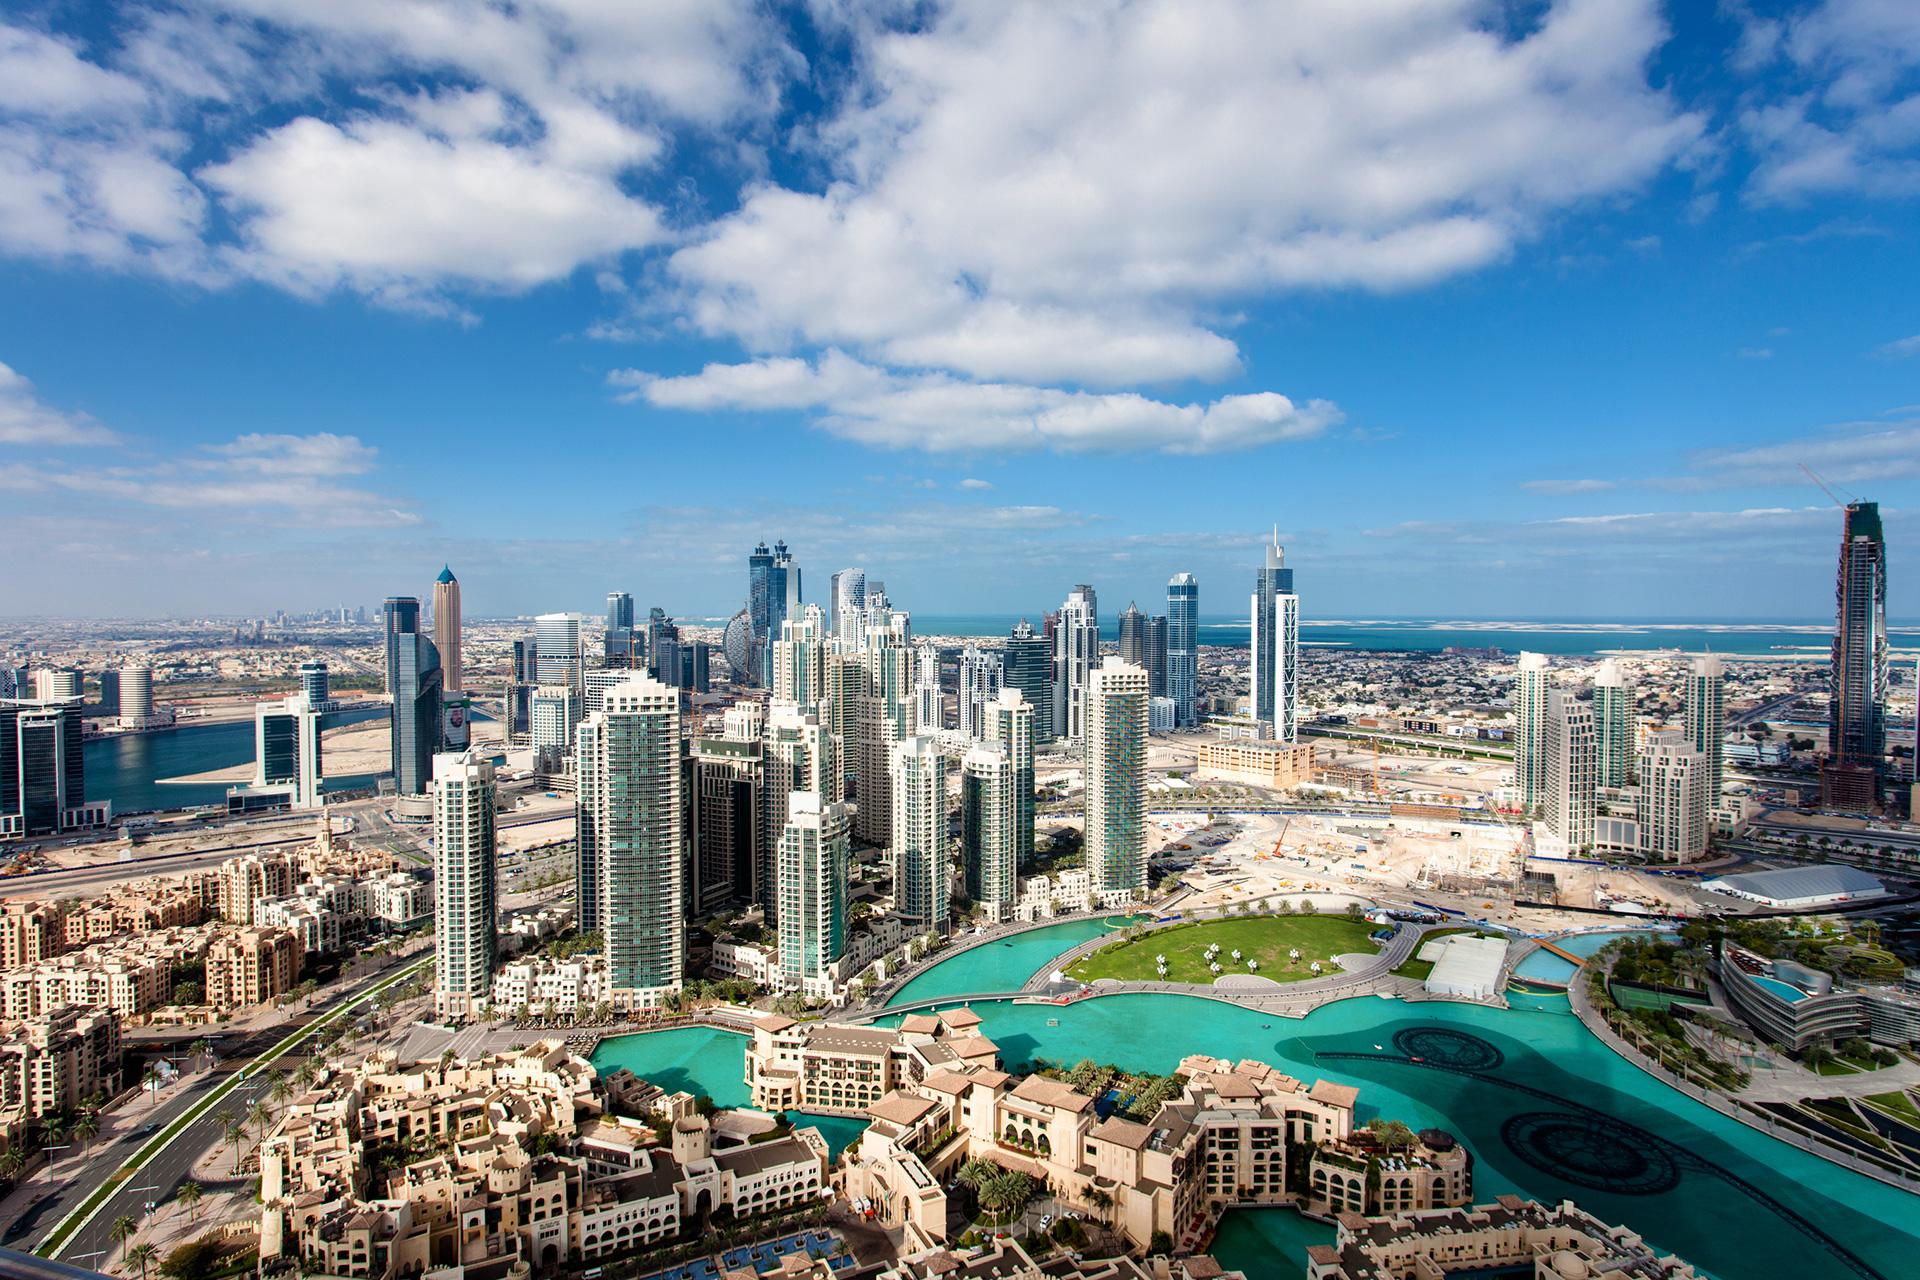 فايننشال تايمز: رجال أعمال يحذرون من أن الإصلاحات الحكومة في دبي فشلت في إنعاش اقتصادها